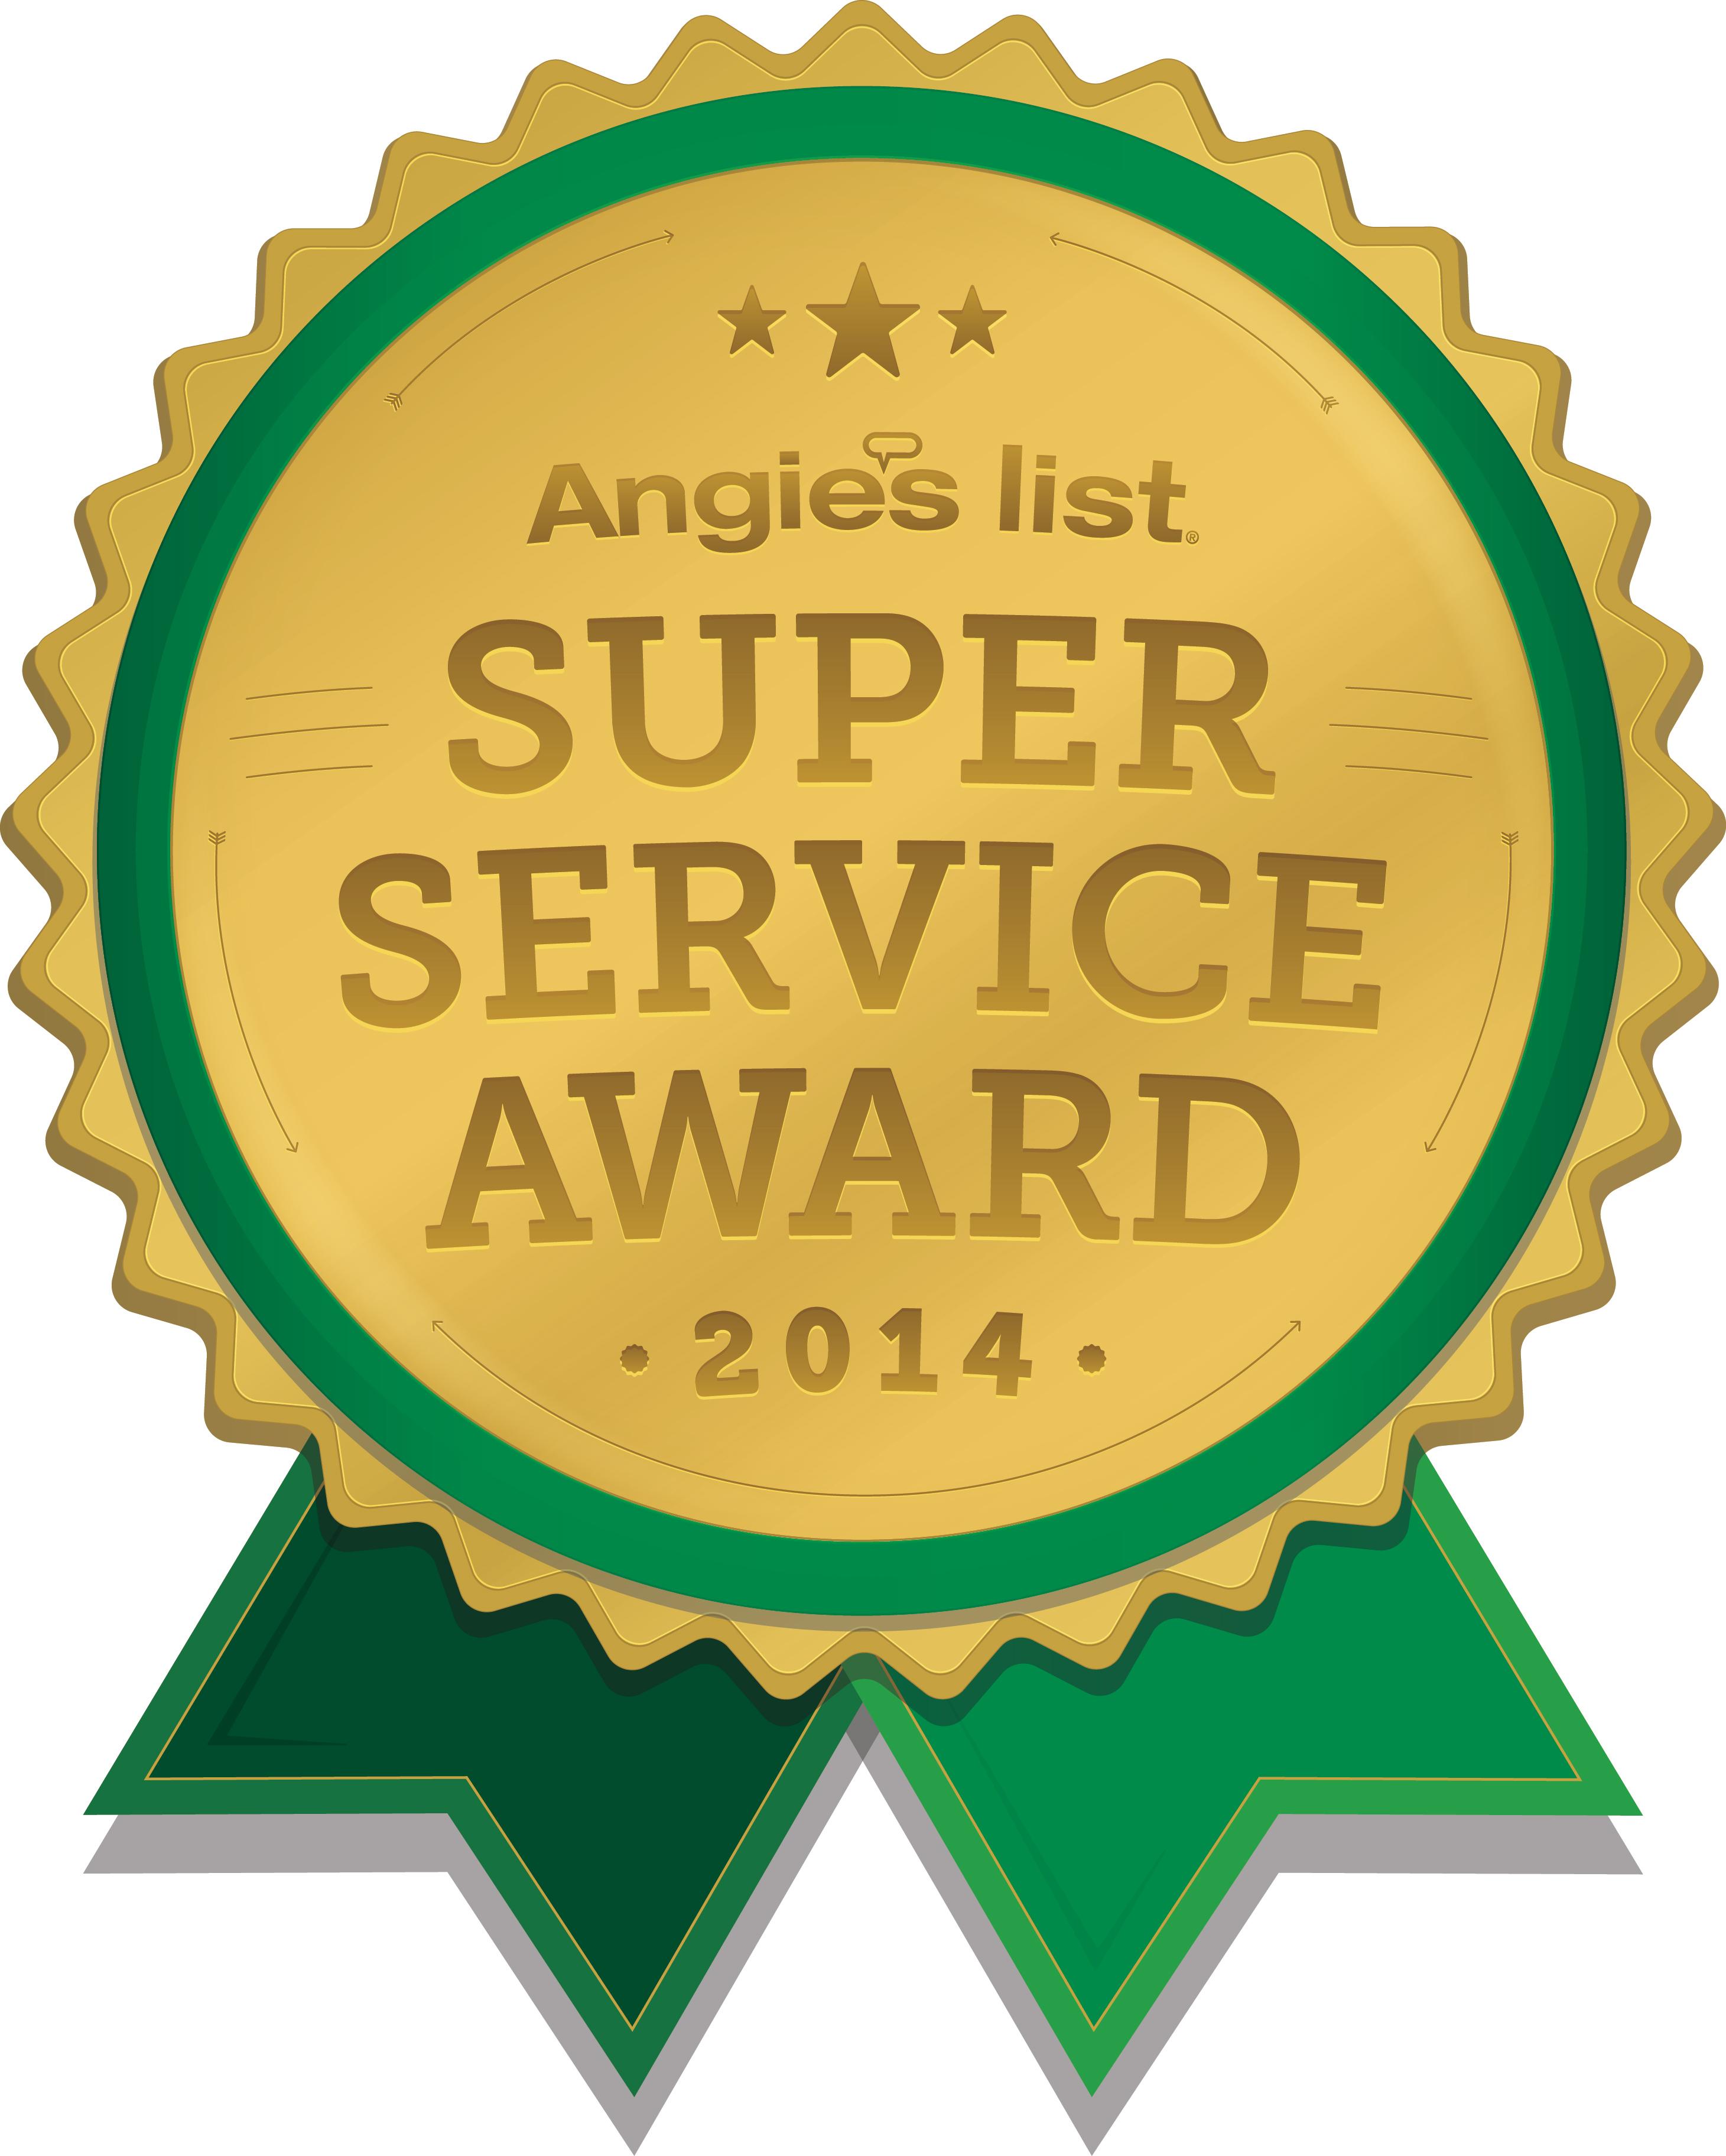 2014 super service award